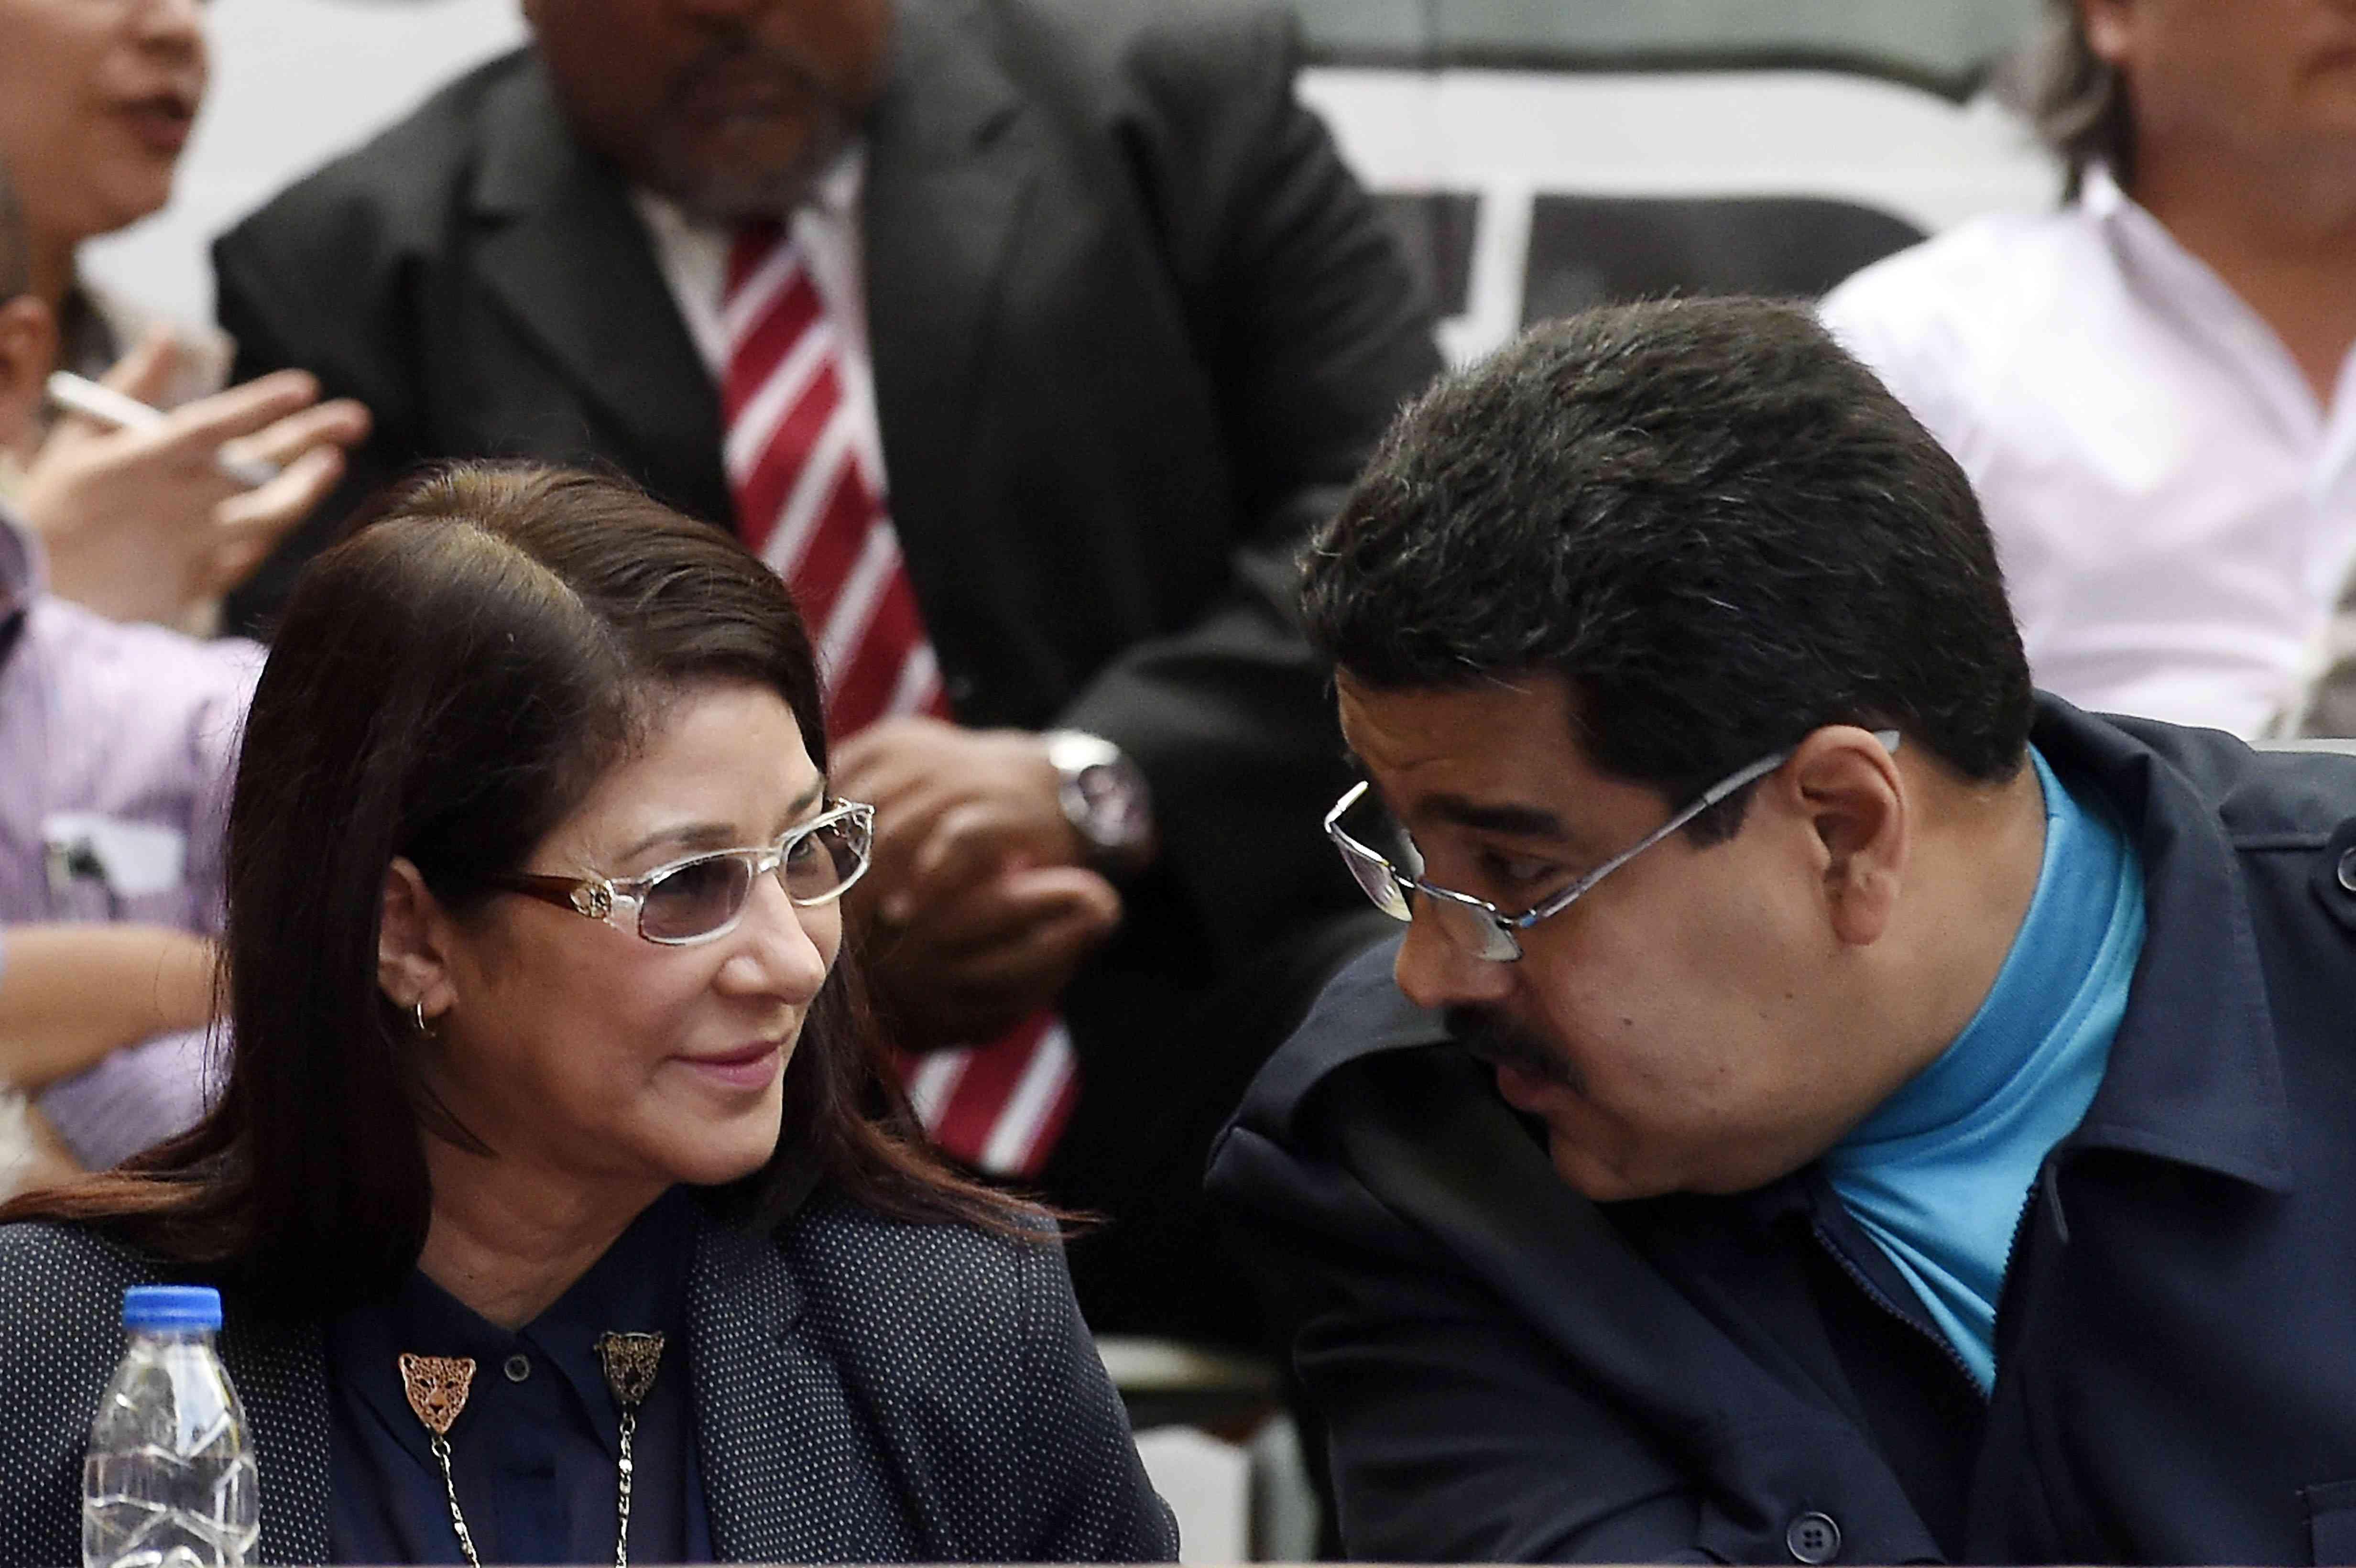 Nicolas Maduro with Cilia Flores